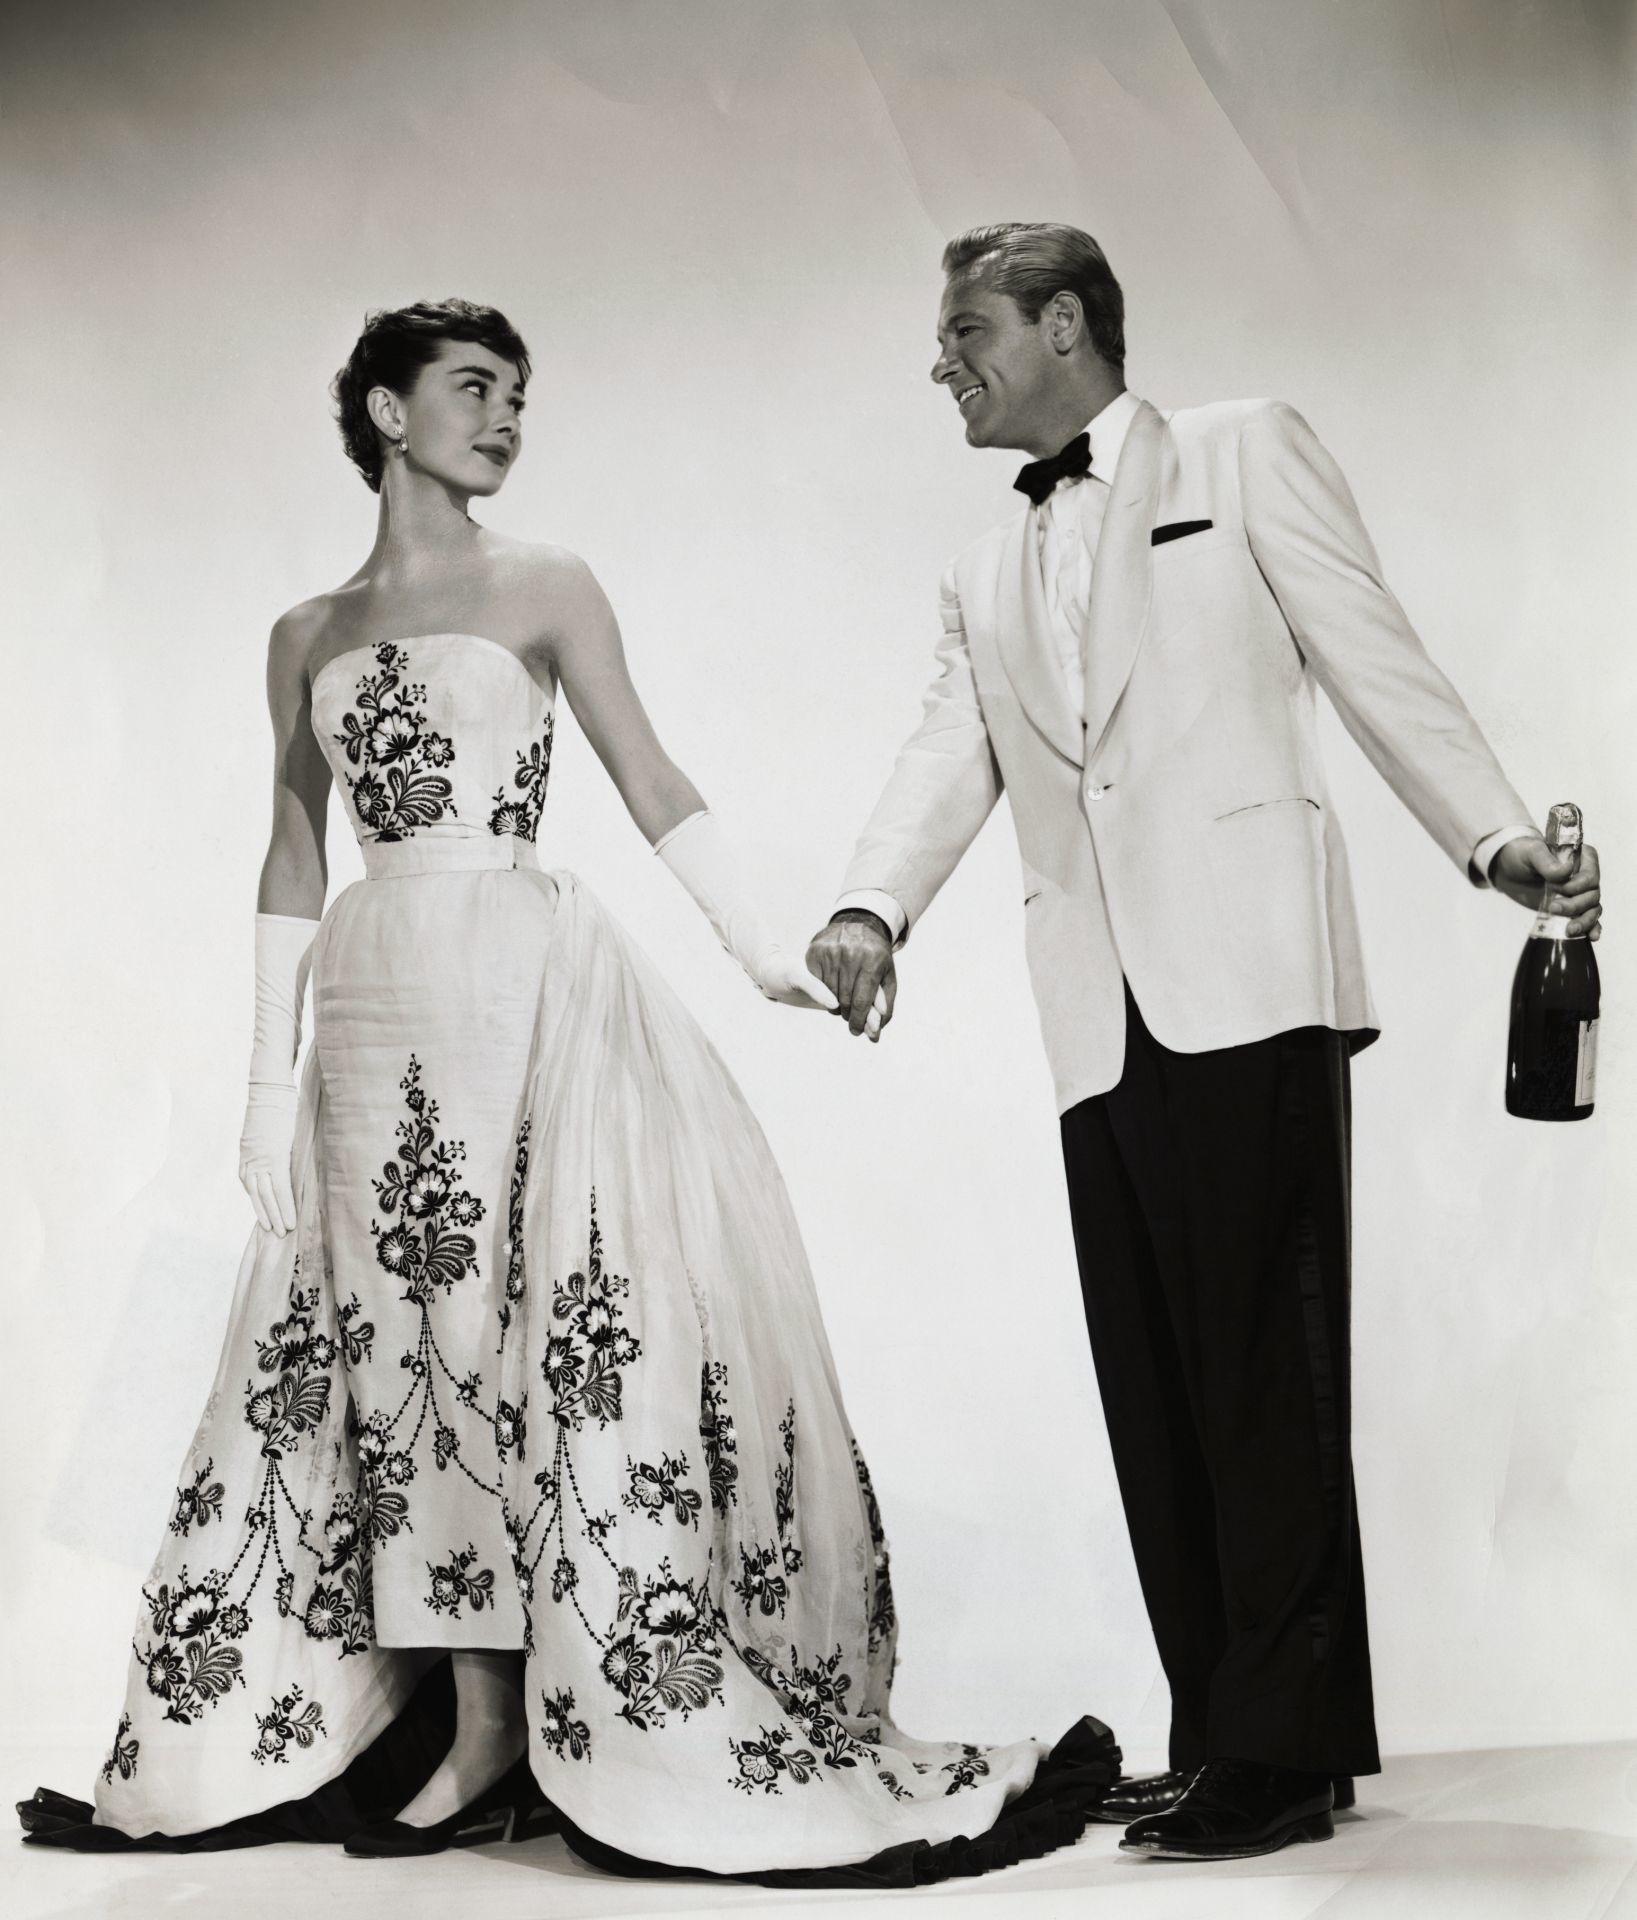 Audrey Hepburn és William Holden az 1954-es Sabrina film fotózásán, a színésznőn a híressé vált Givenchy estélyi.